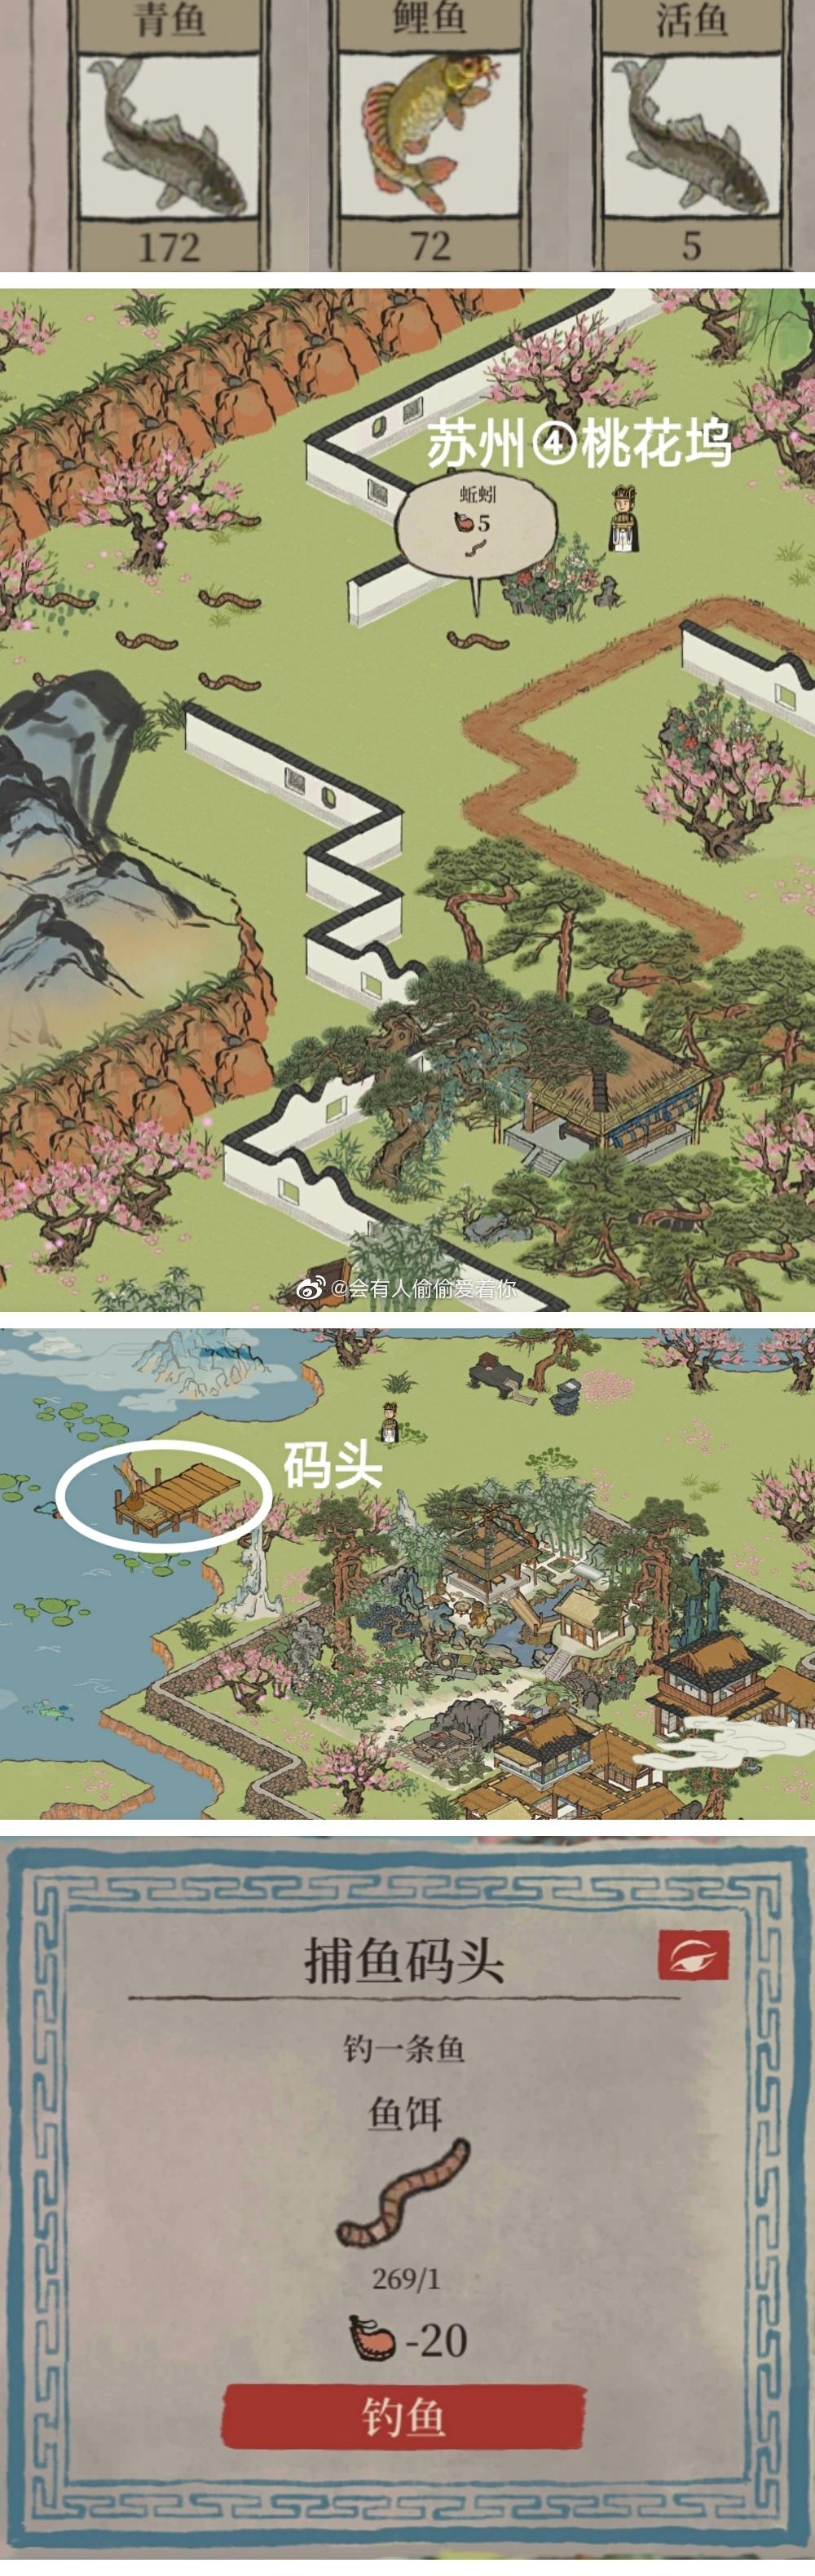 《江南百景图》鲤鱼获得方法